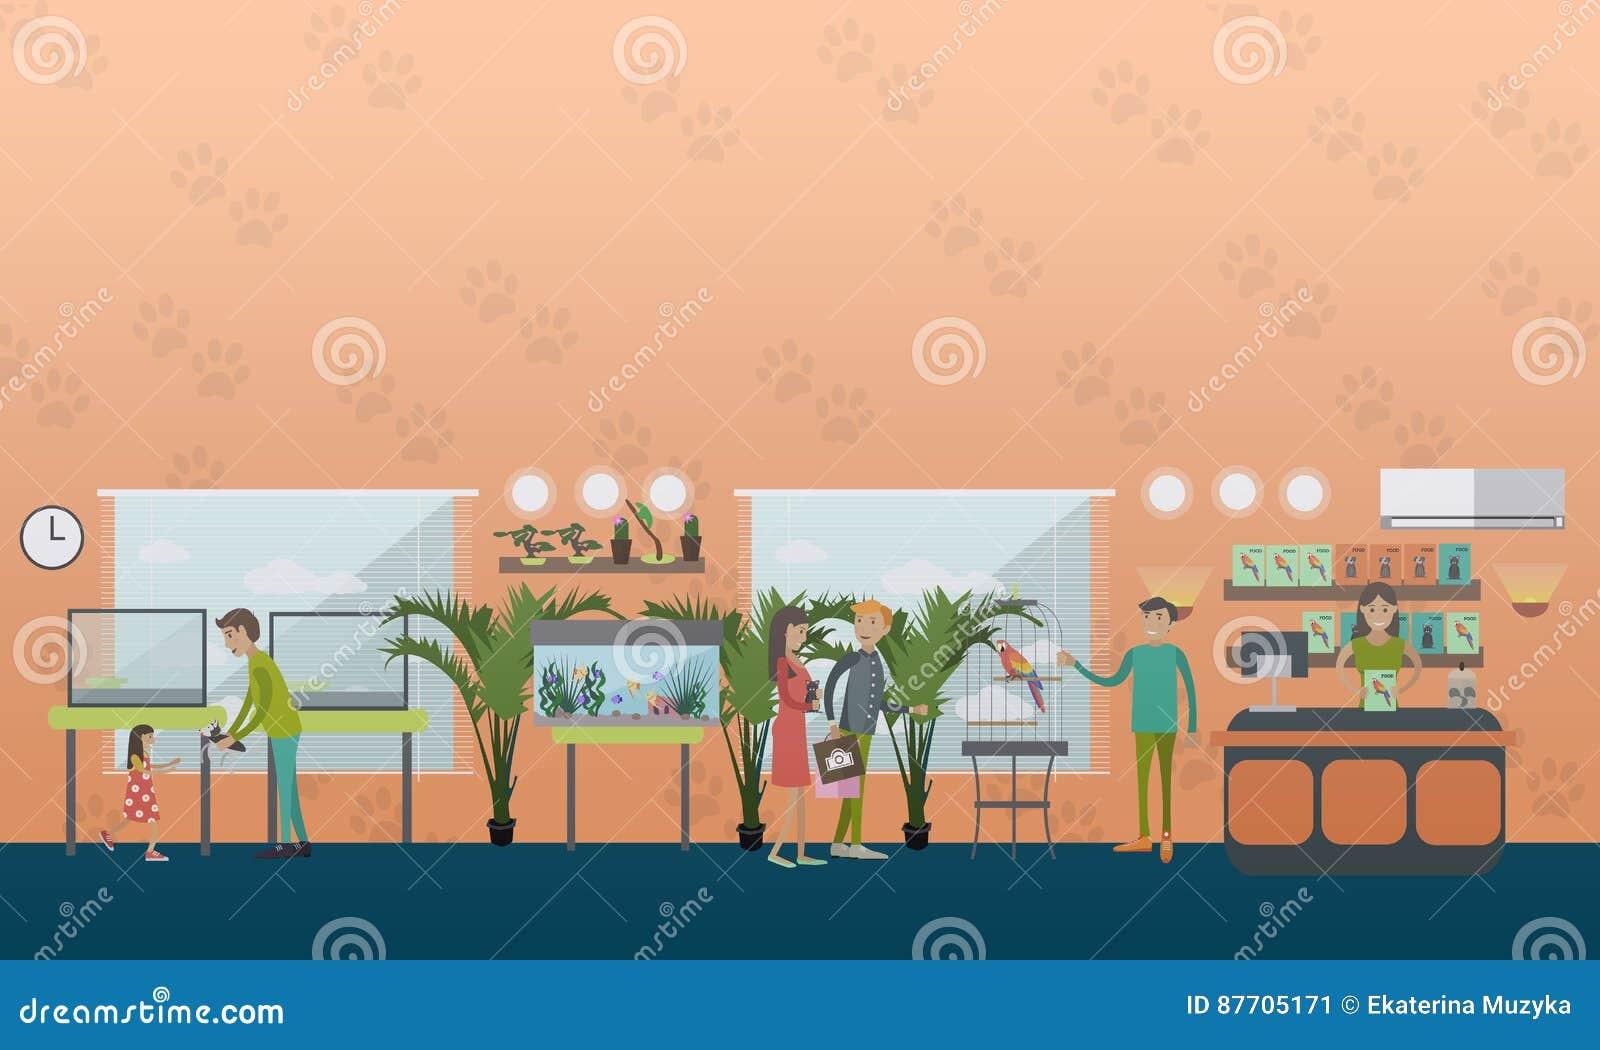 Illustration de vecteur de concept de magasin de bêtes dans le style plat